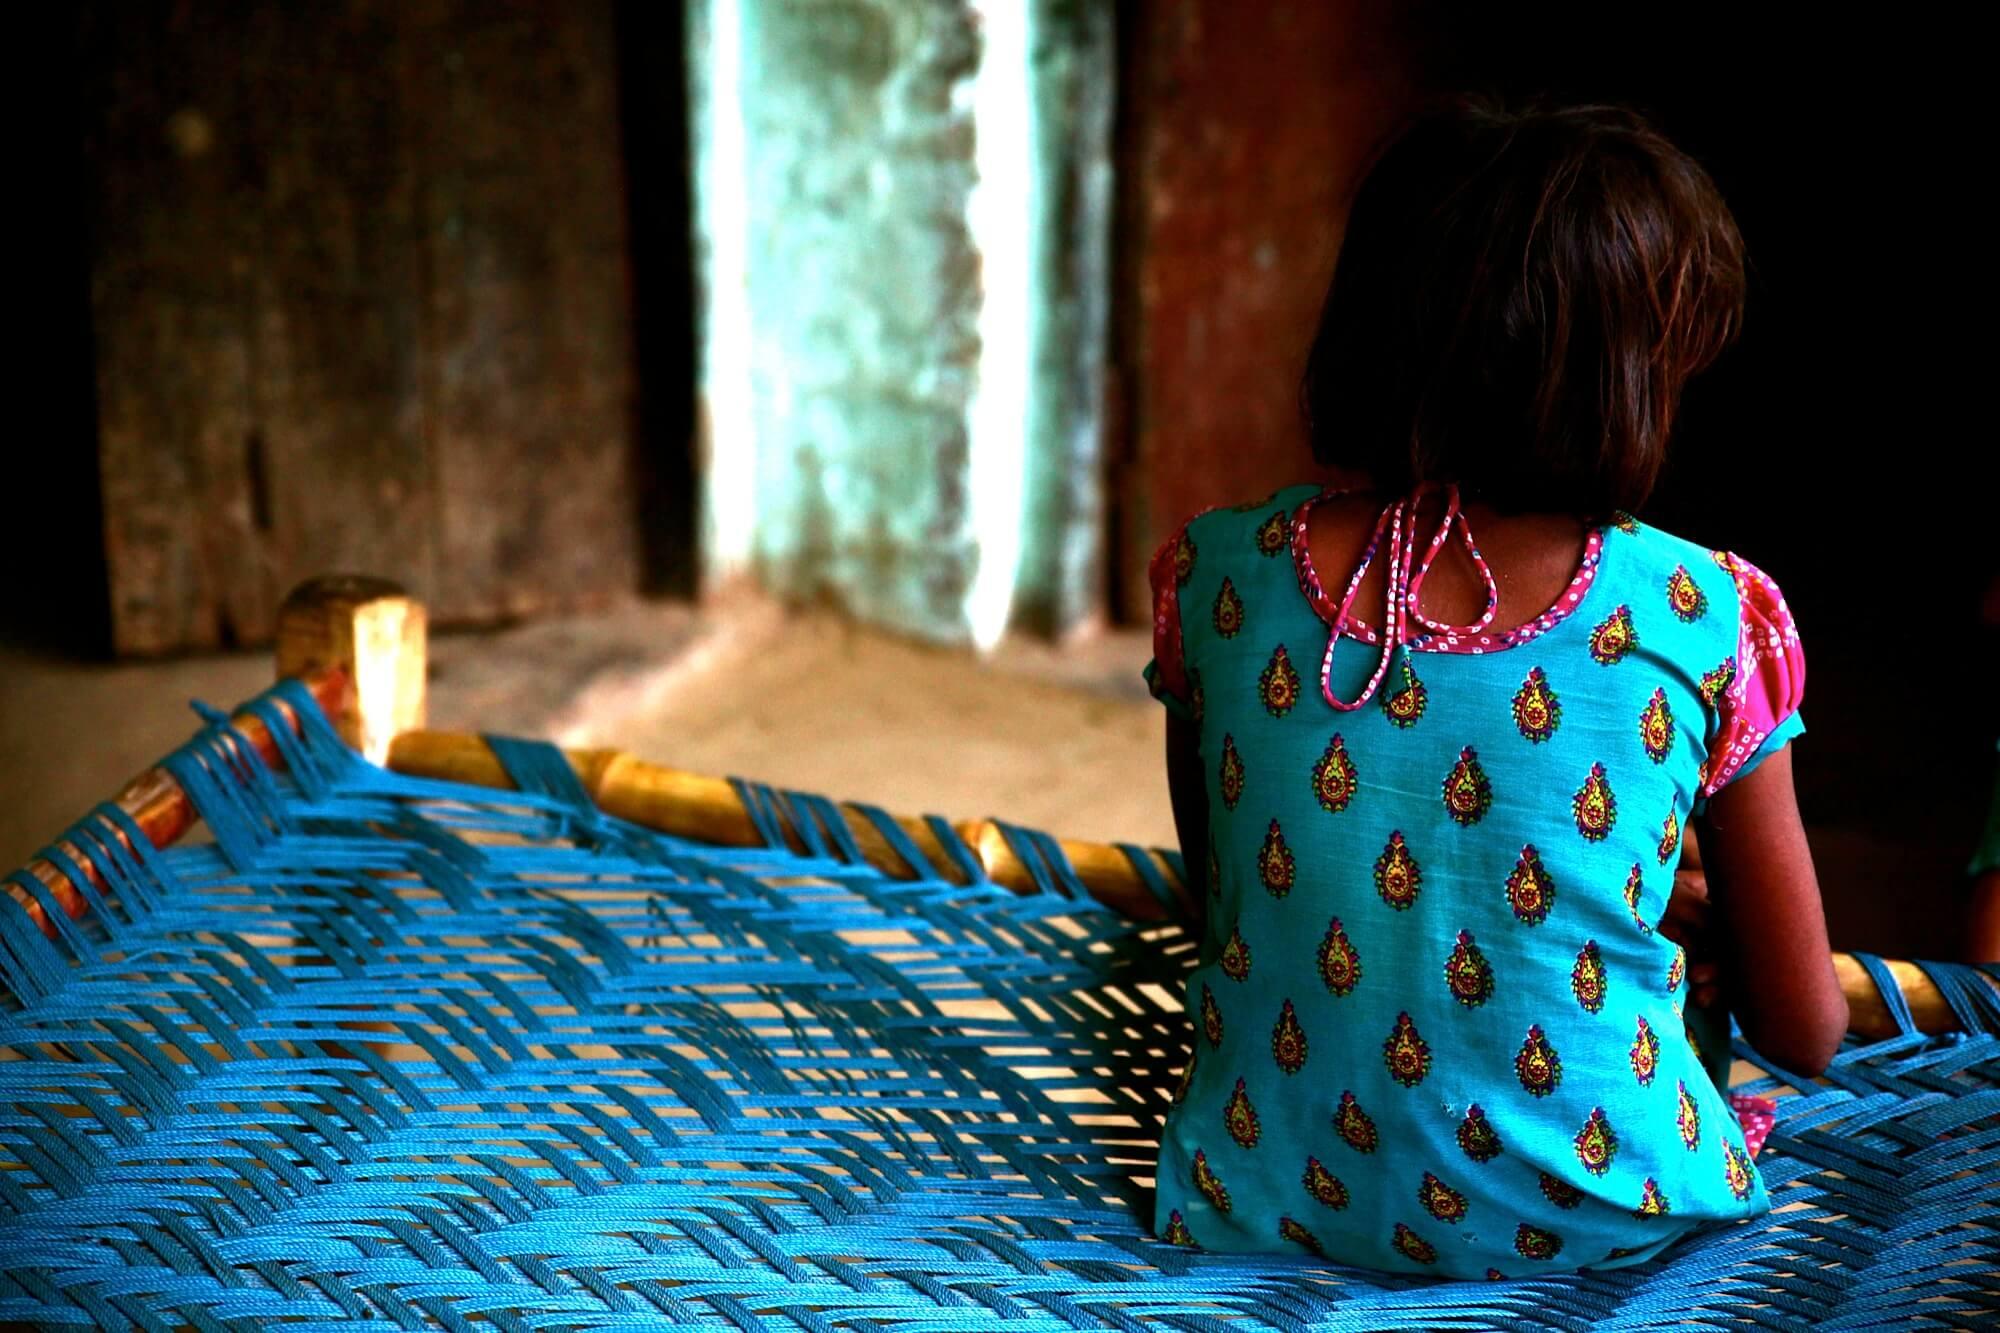 Ινδία: Ισόβια σε τρεις για τον ομαδικό βιασμό και τη φρικτή δολοφονία 8χρονης